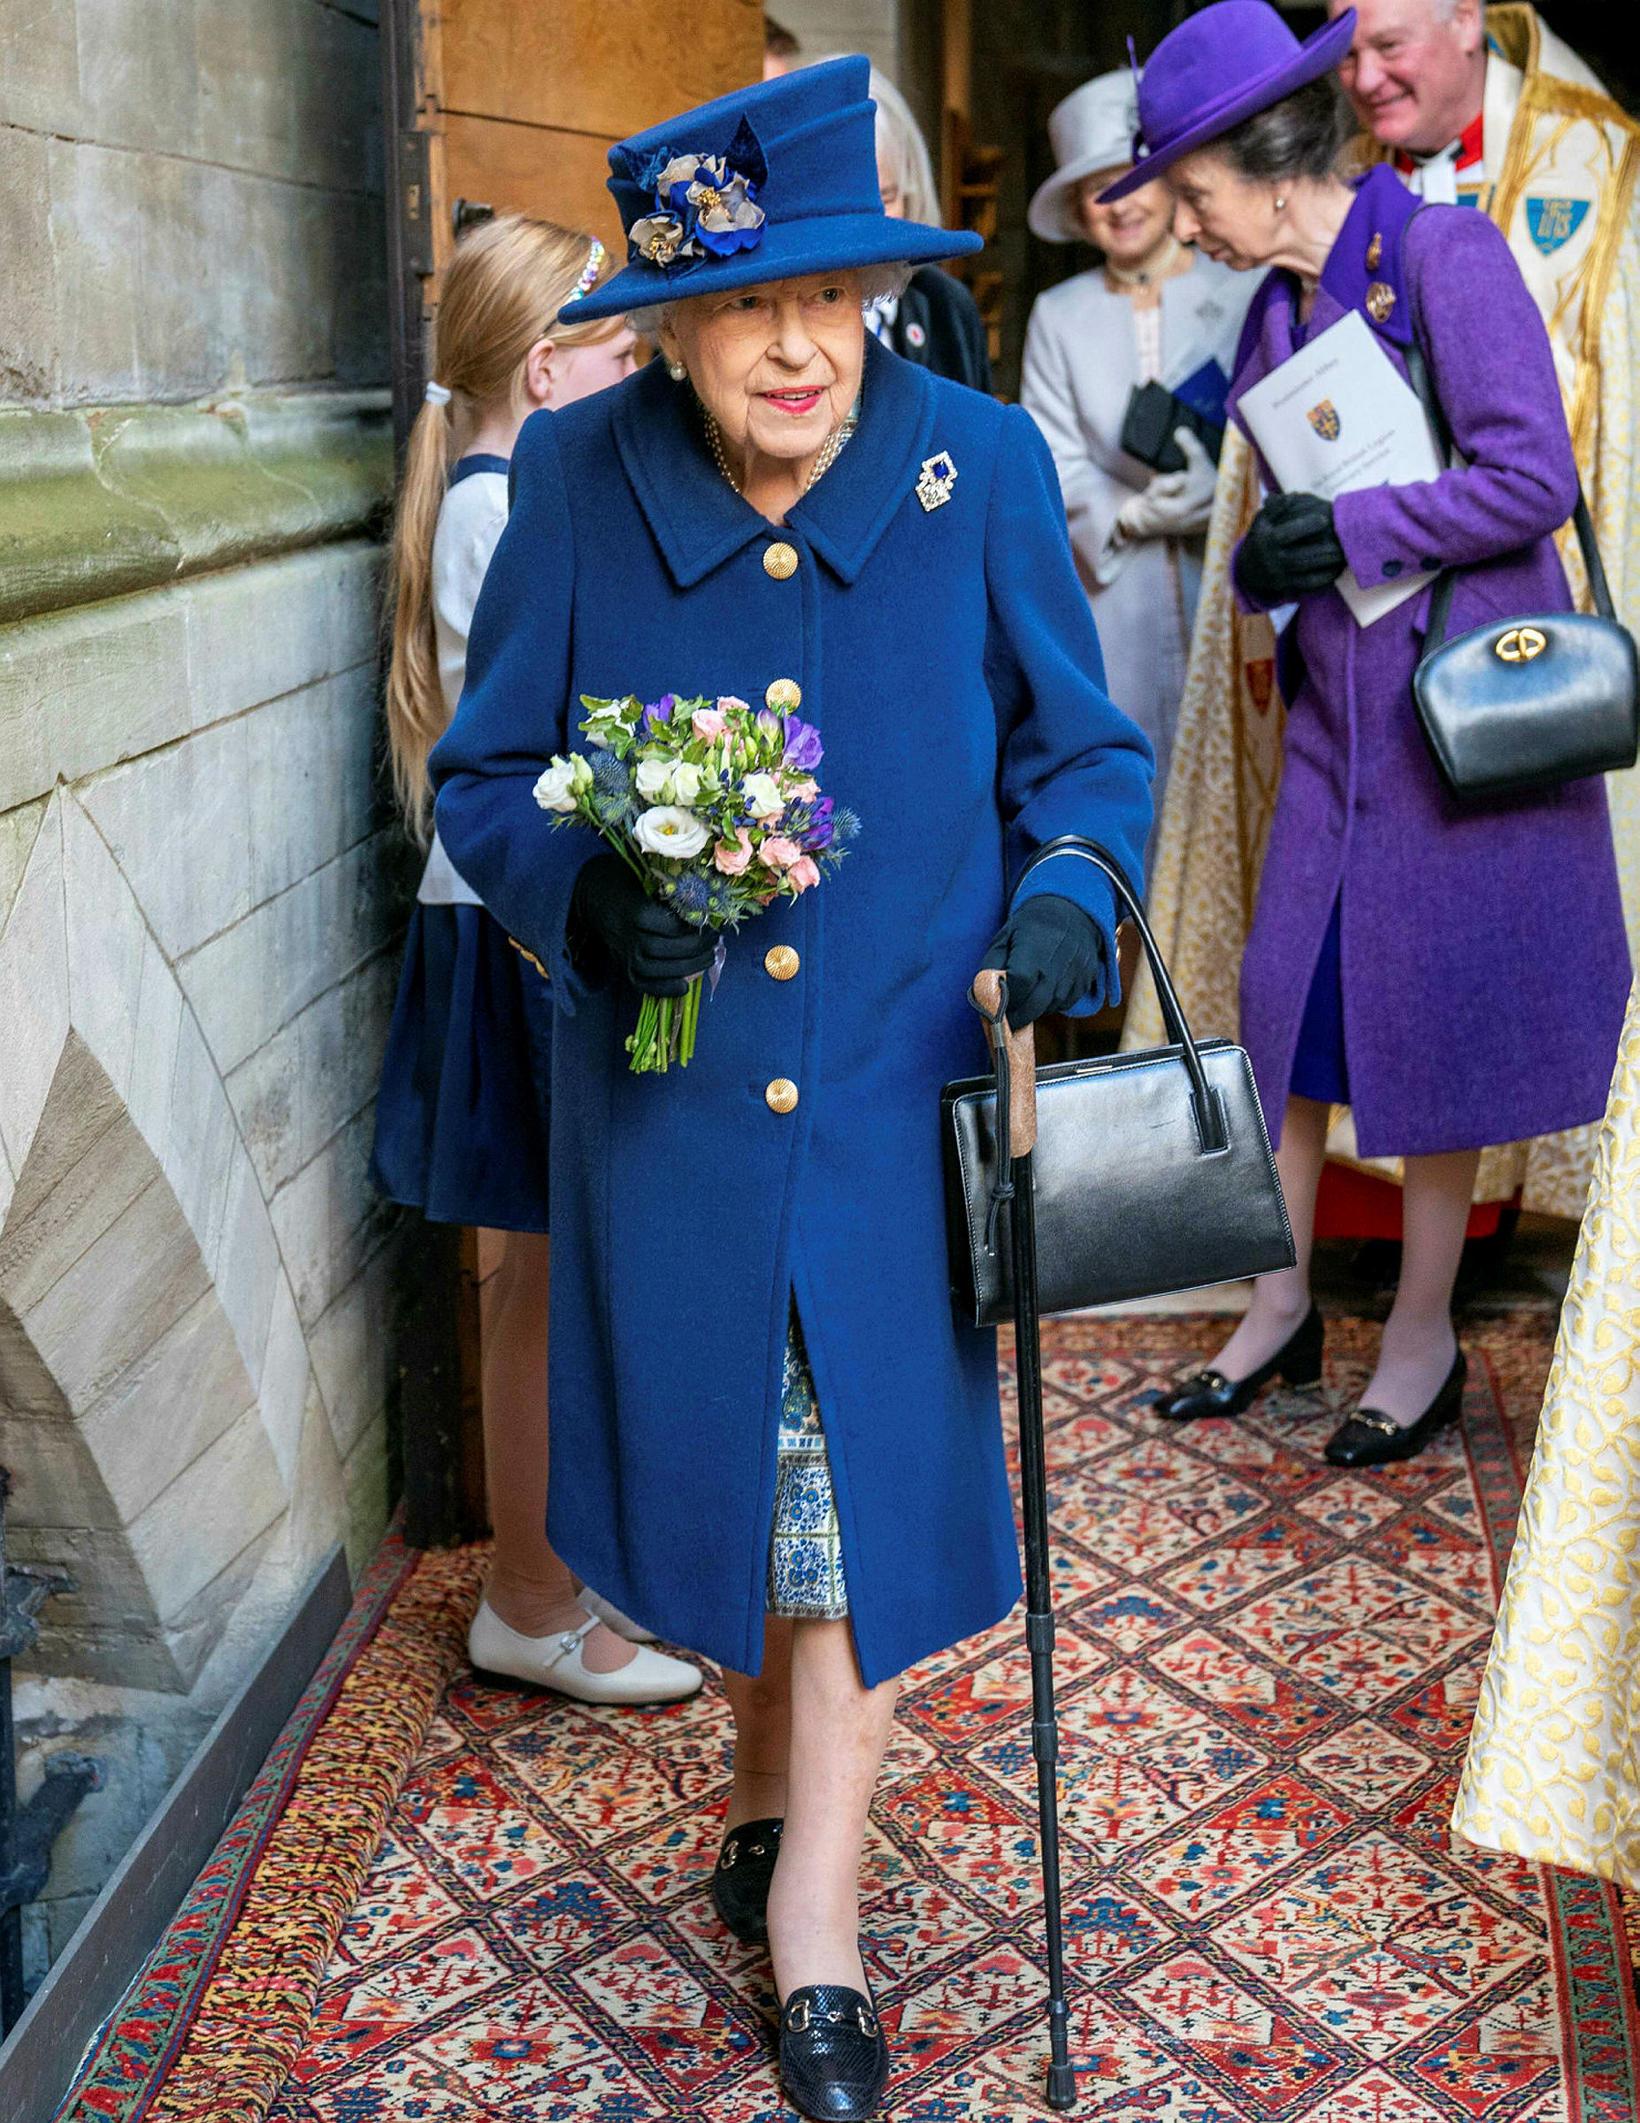 Drottningin klæddist kóngablárri kápu og var með hatt í stíl.